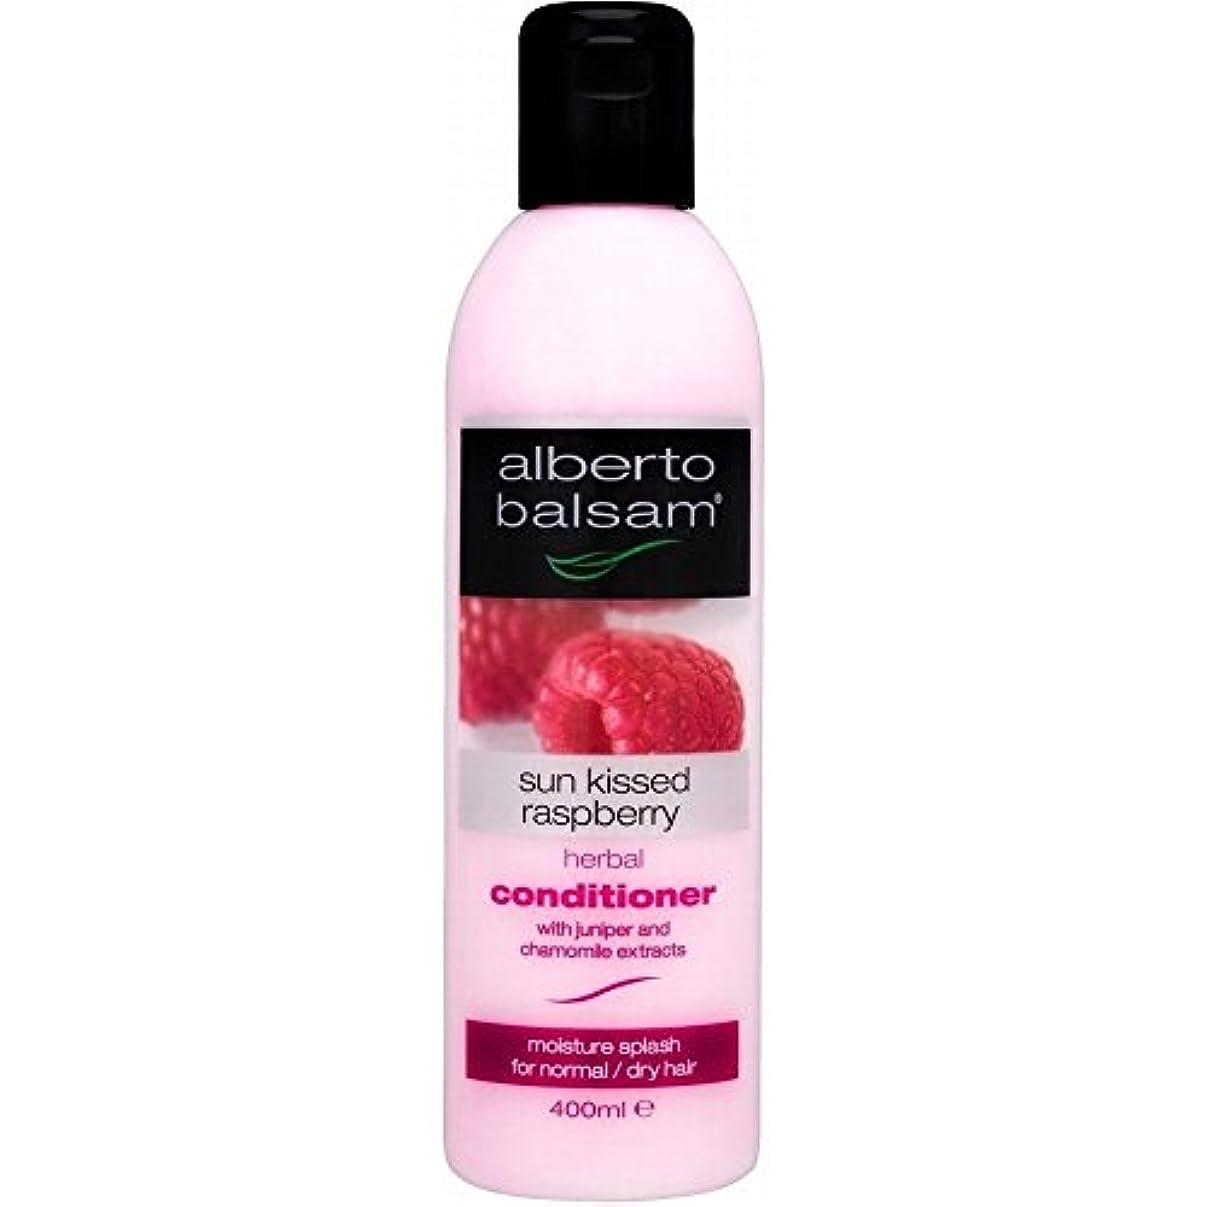 正当なのぞき見現金Alberto Balsam Herbal Conditioner - Sun Kissed Raspberry (400ml) アルベルトバルサムハーブコンディショナー - 太陽は( 400ミリリットル)ラズベリーキス...